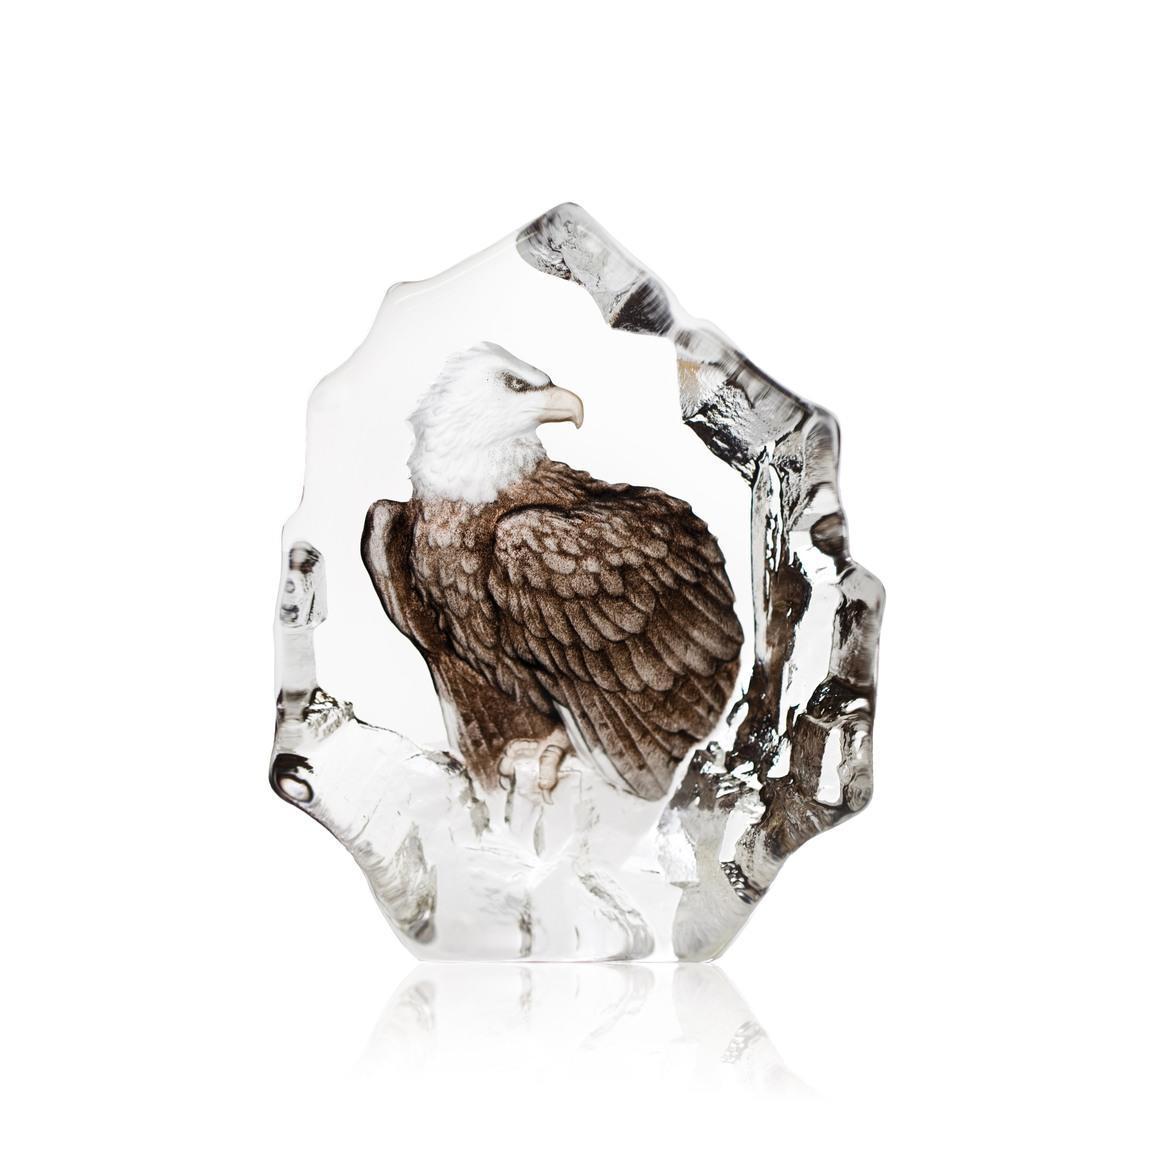 Bald Eagle | Trada Marketplace